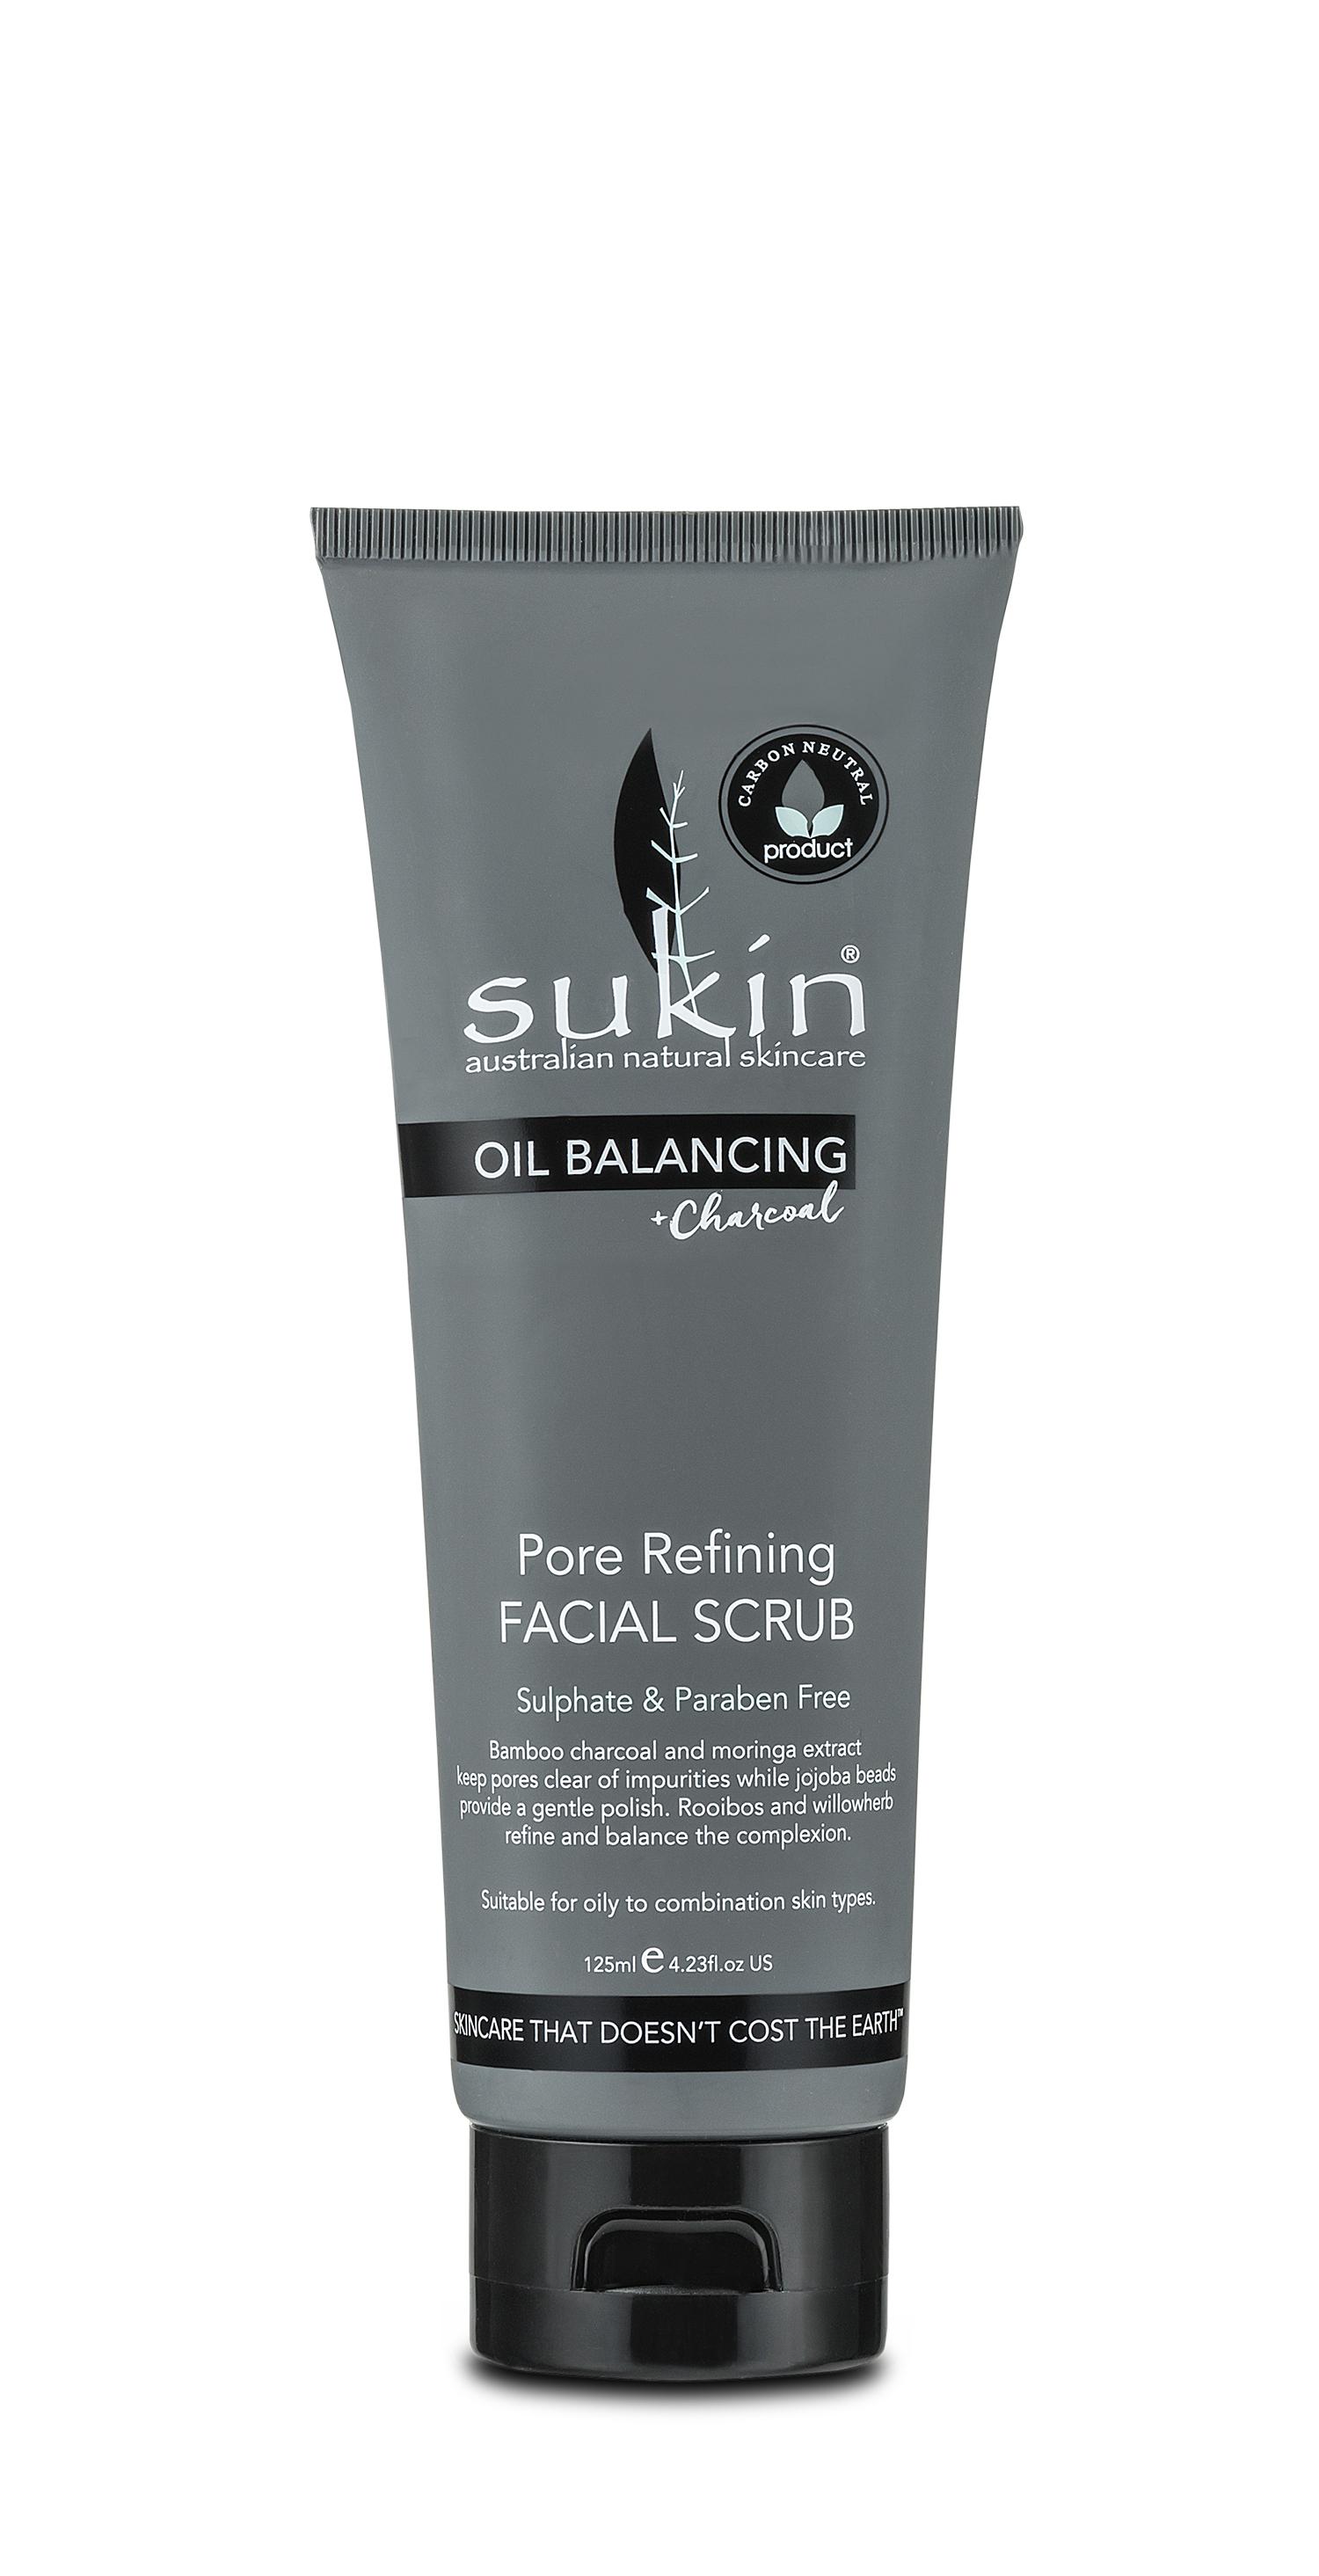 Sukin Charcoal scrub